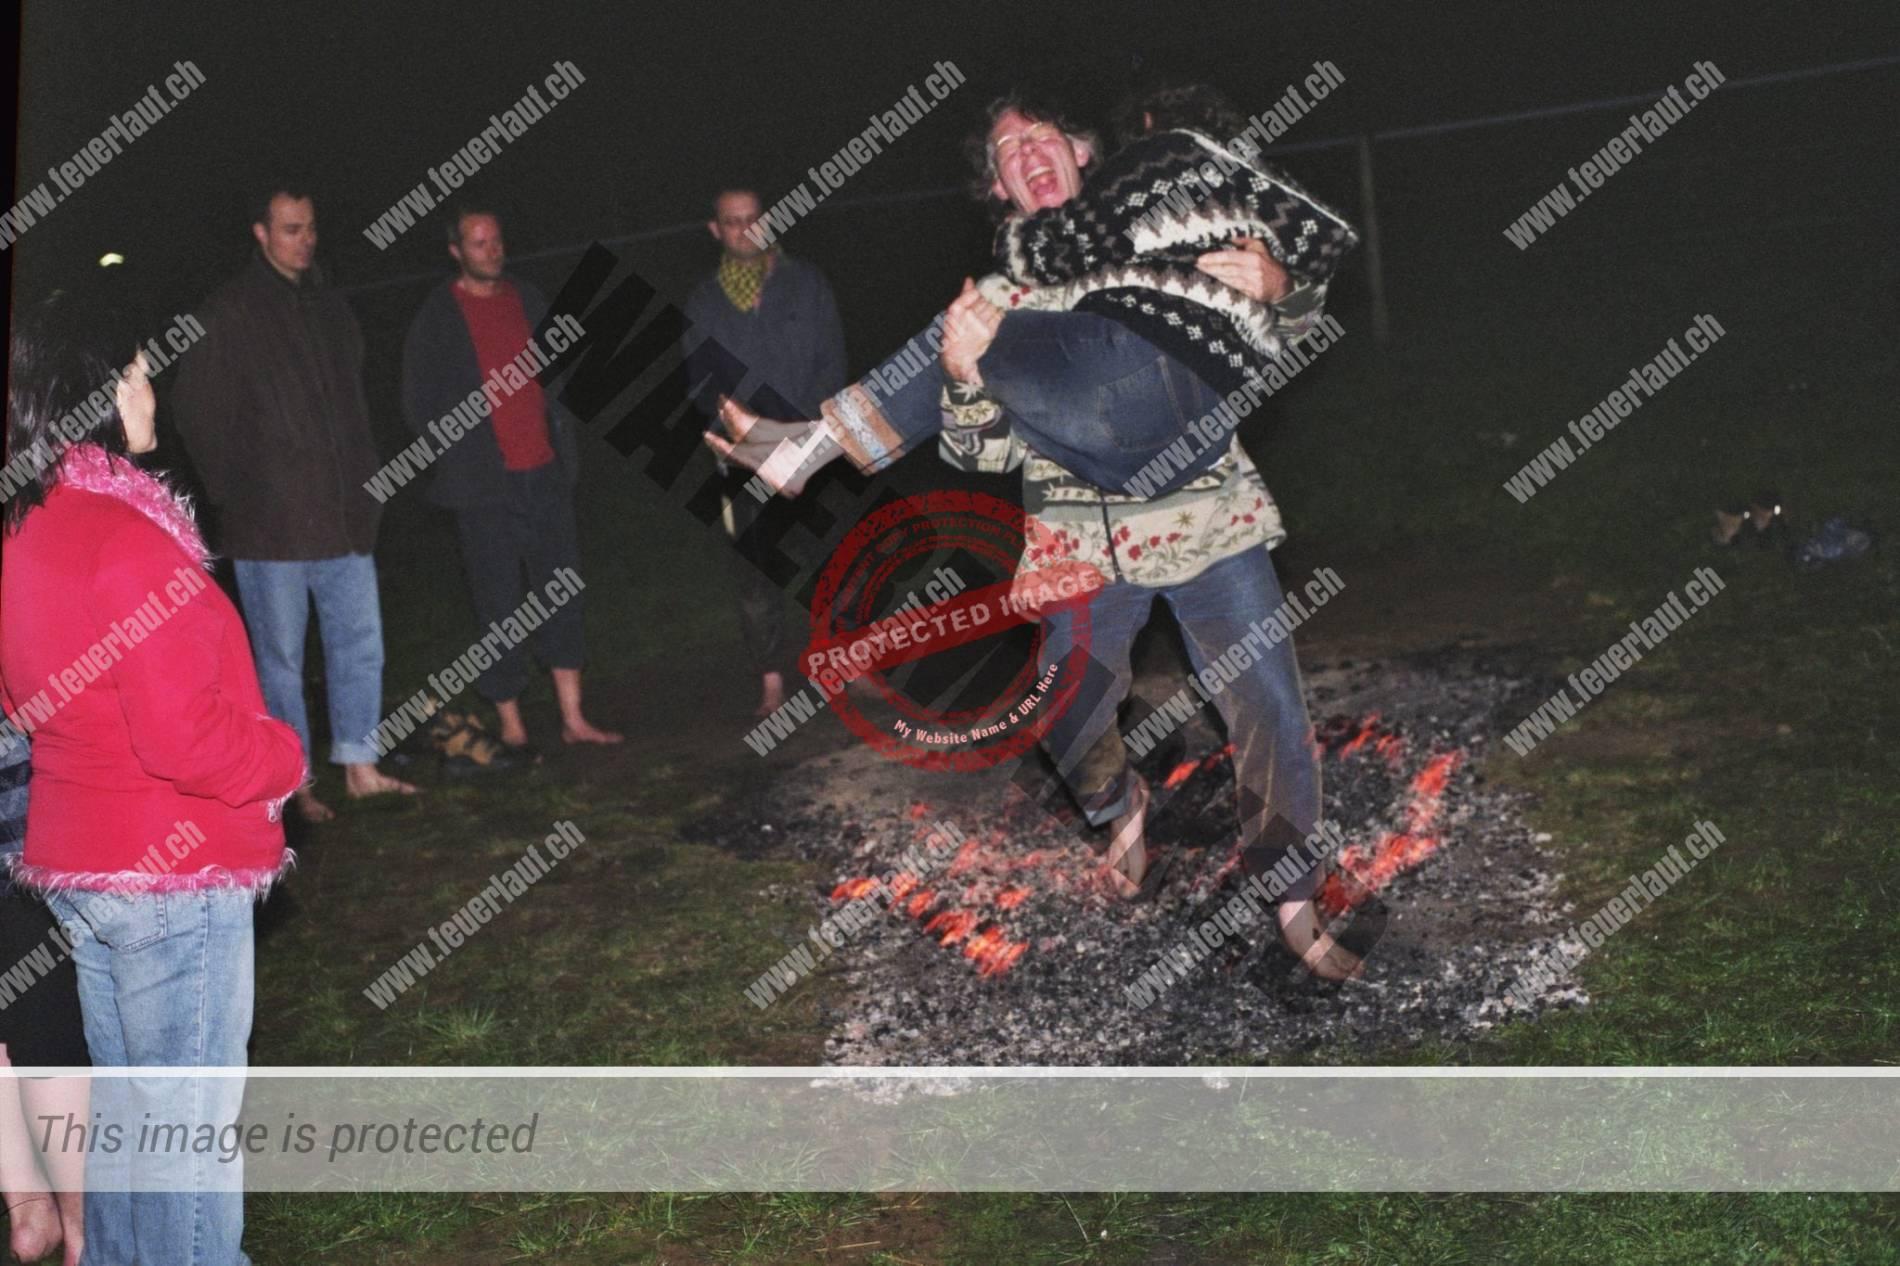 Feuerlaufen